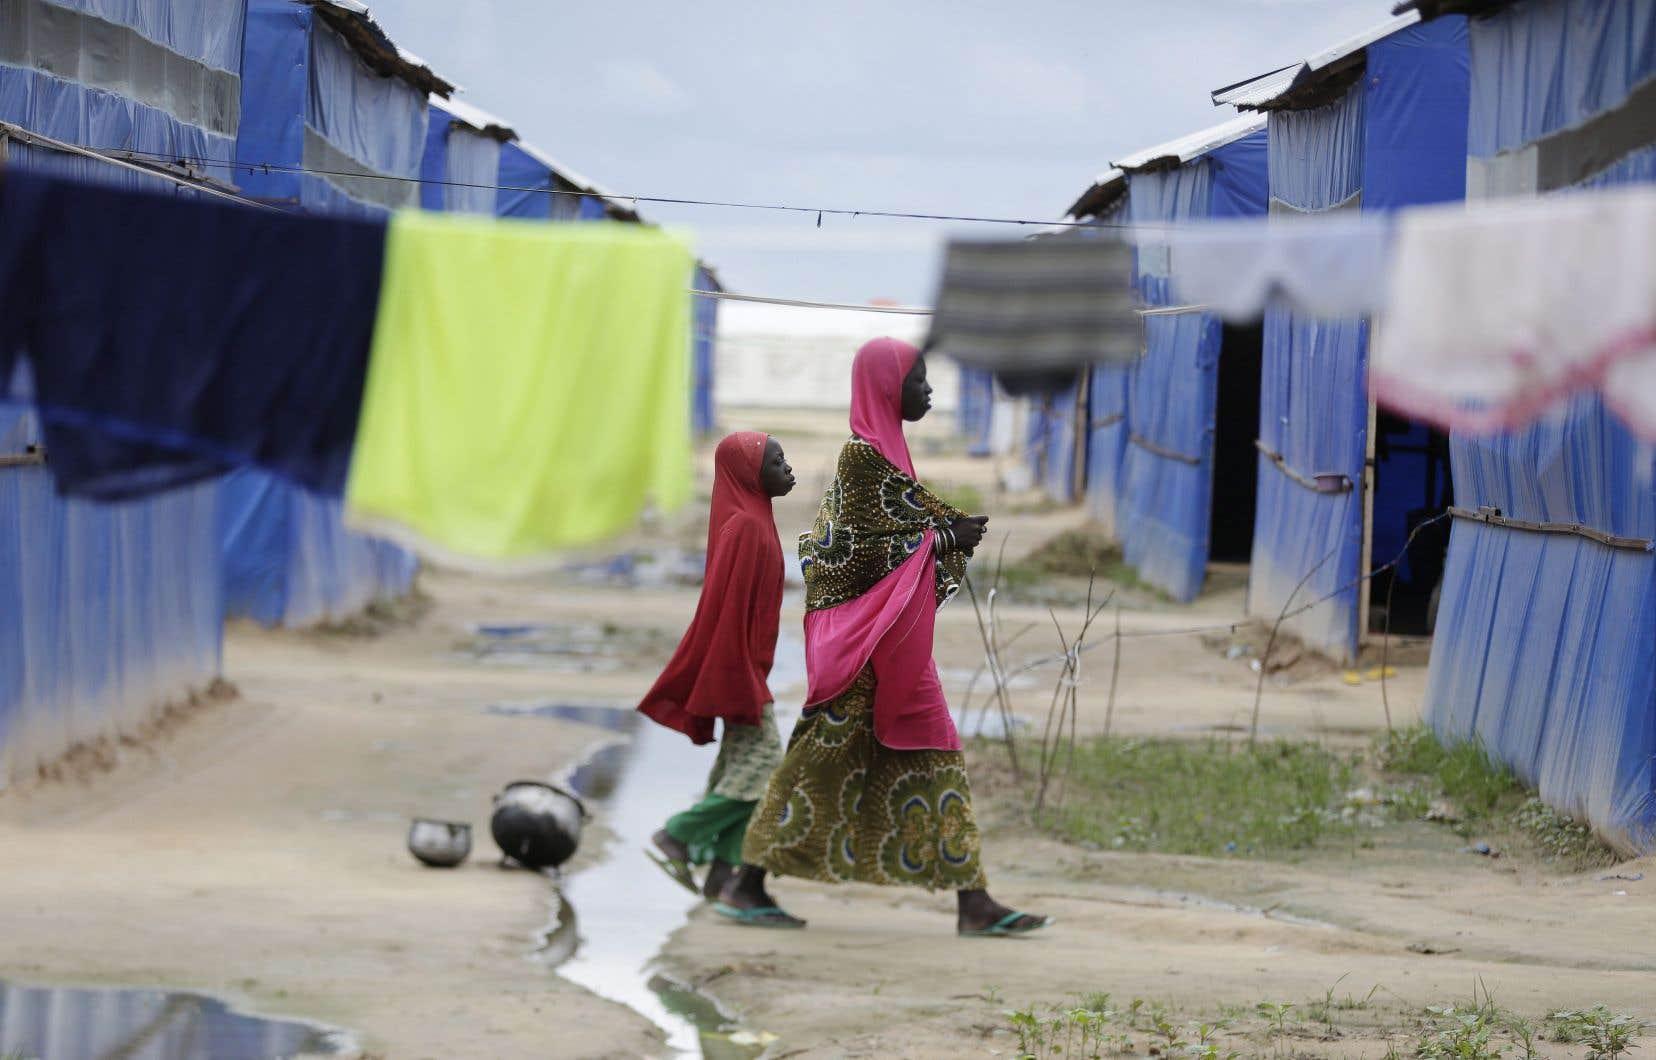 On estime qu'après plus de dix ans de conflit, deux millions de nigériens ne peuvent toujours pas regagner leur foyer et vivent dans des camps de déplacés.